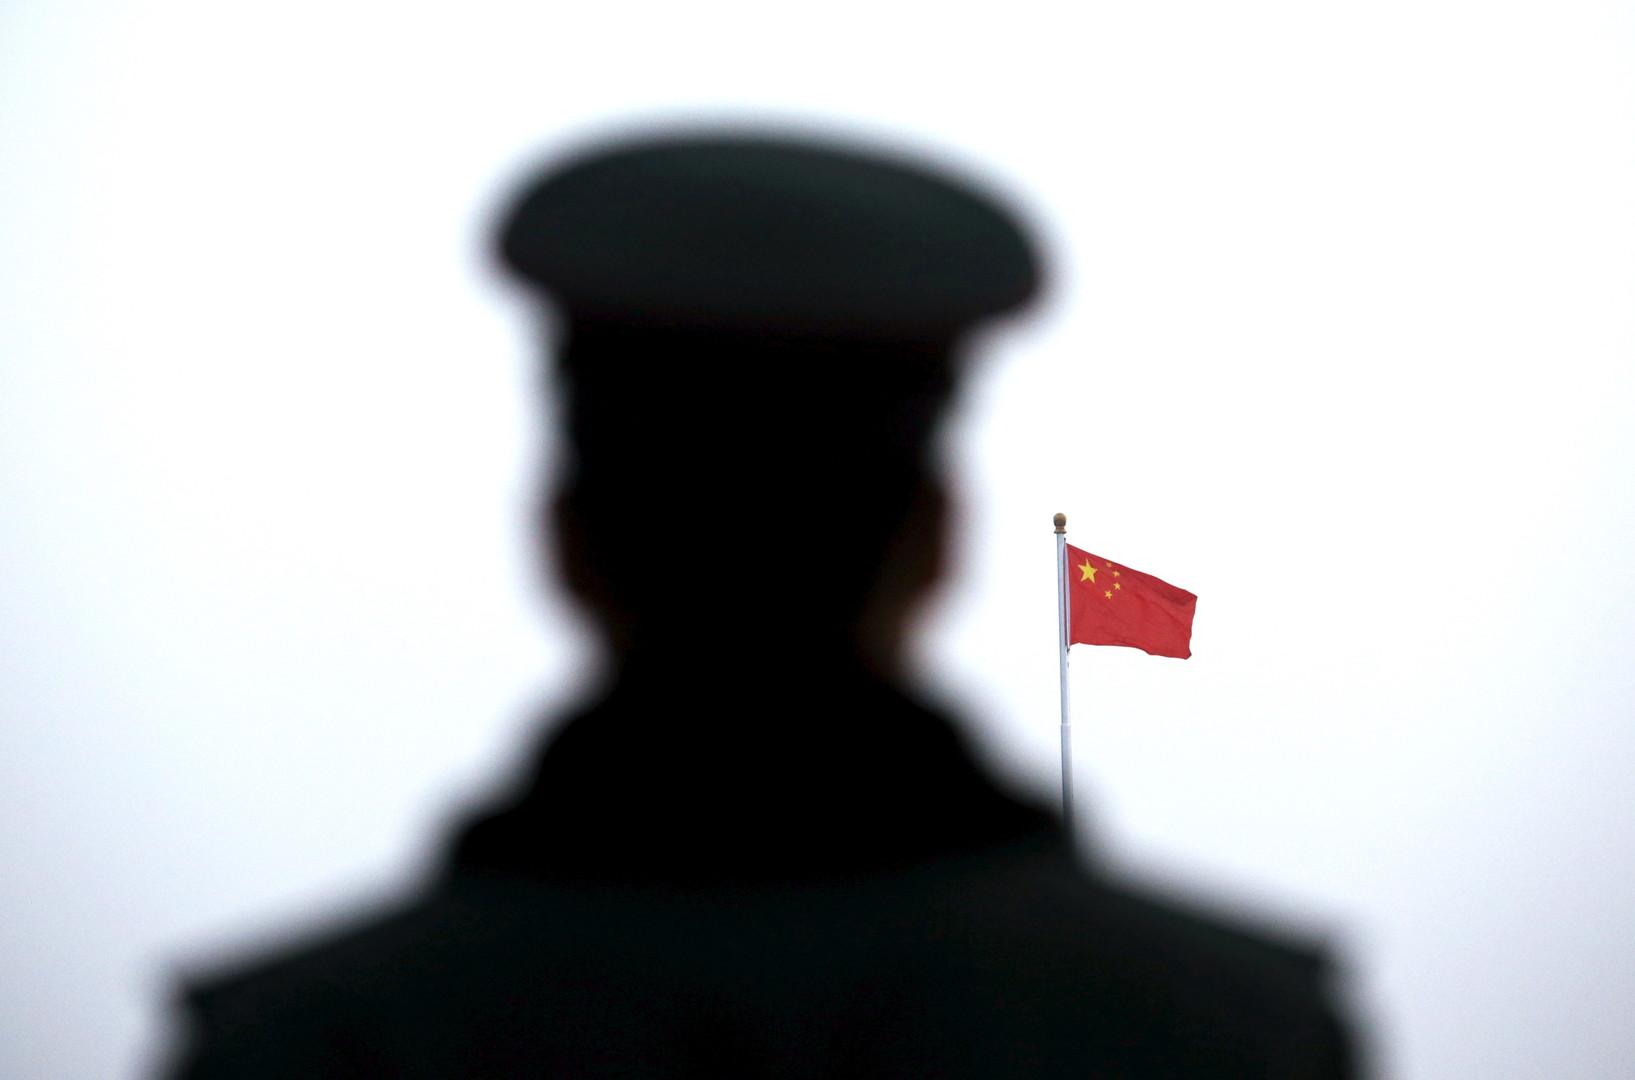 Интересы Китая или коалиция 2.0: чего ждать от сотрудничества Пекина и Дамаска